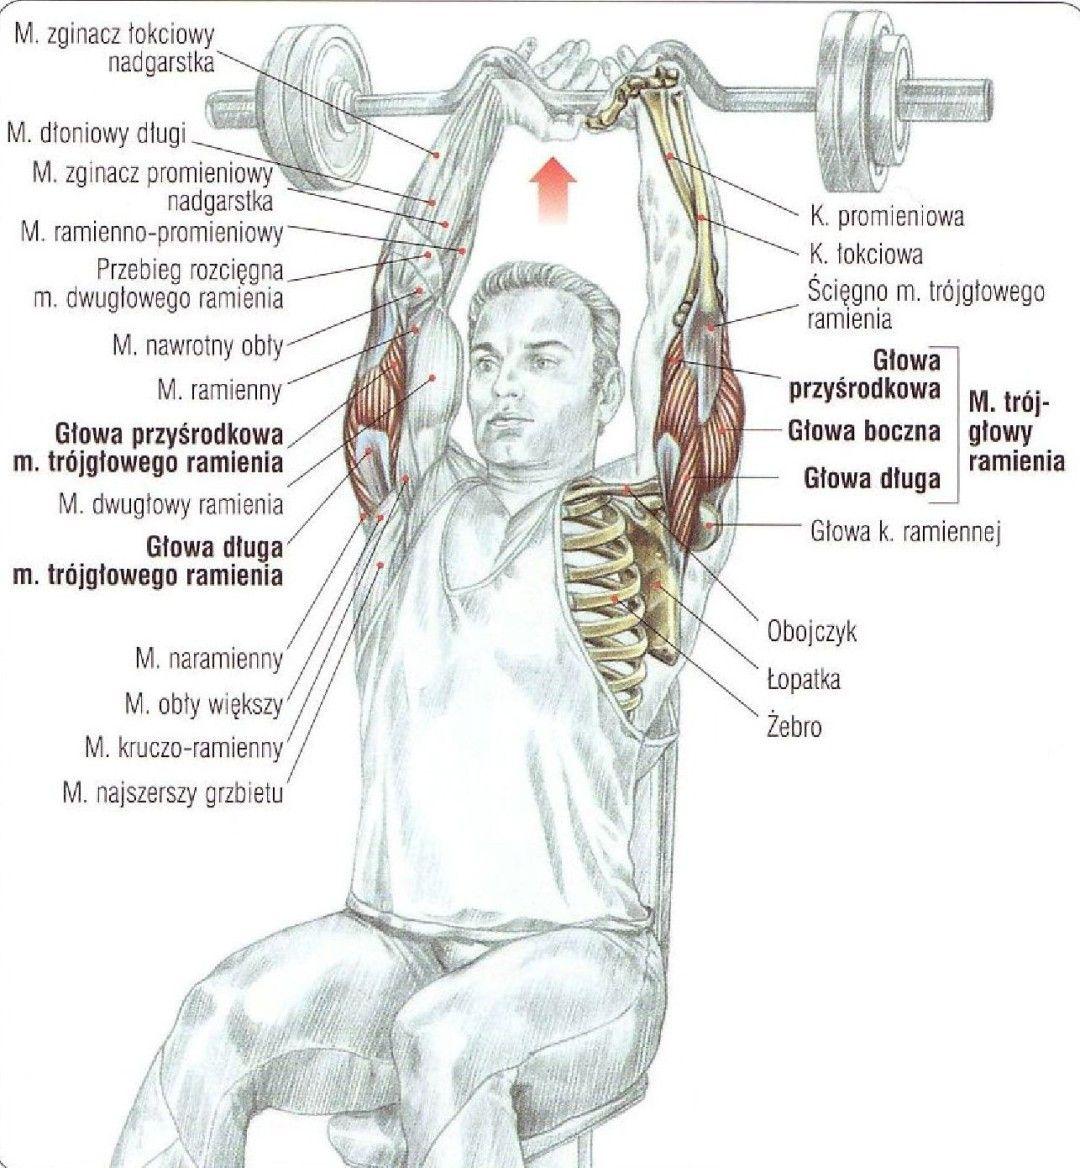 Wyciskanie wrancuskie sztangi siedząc ćwiczenie na triceps atlas ćwiczeń